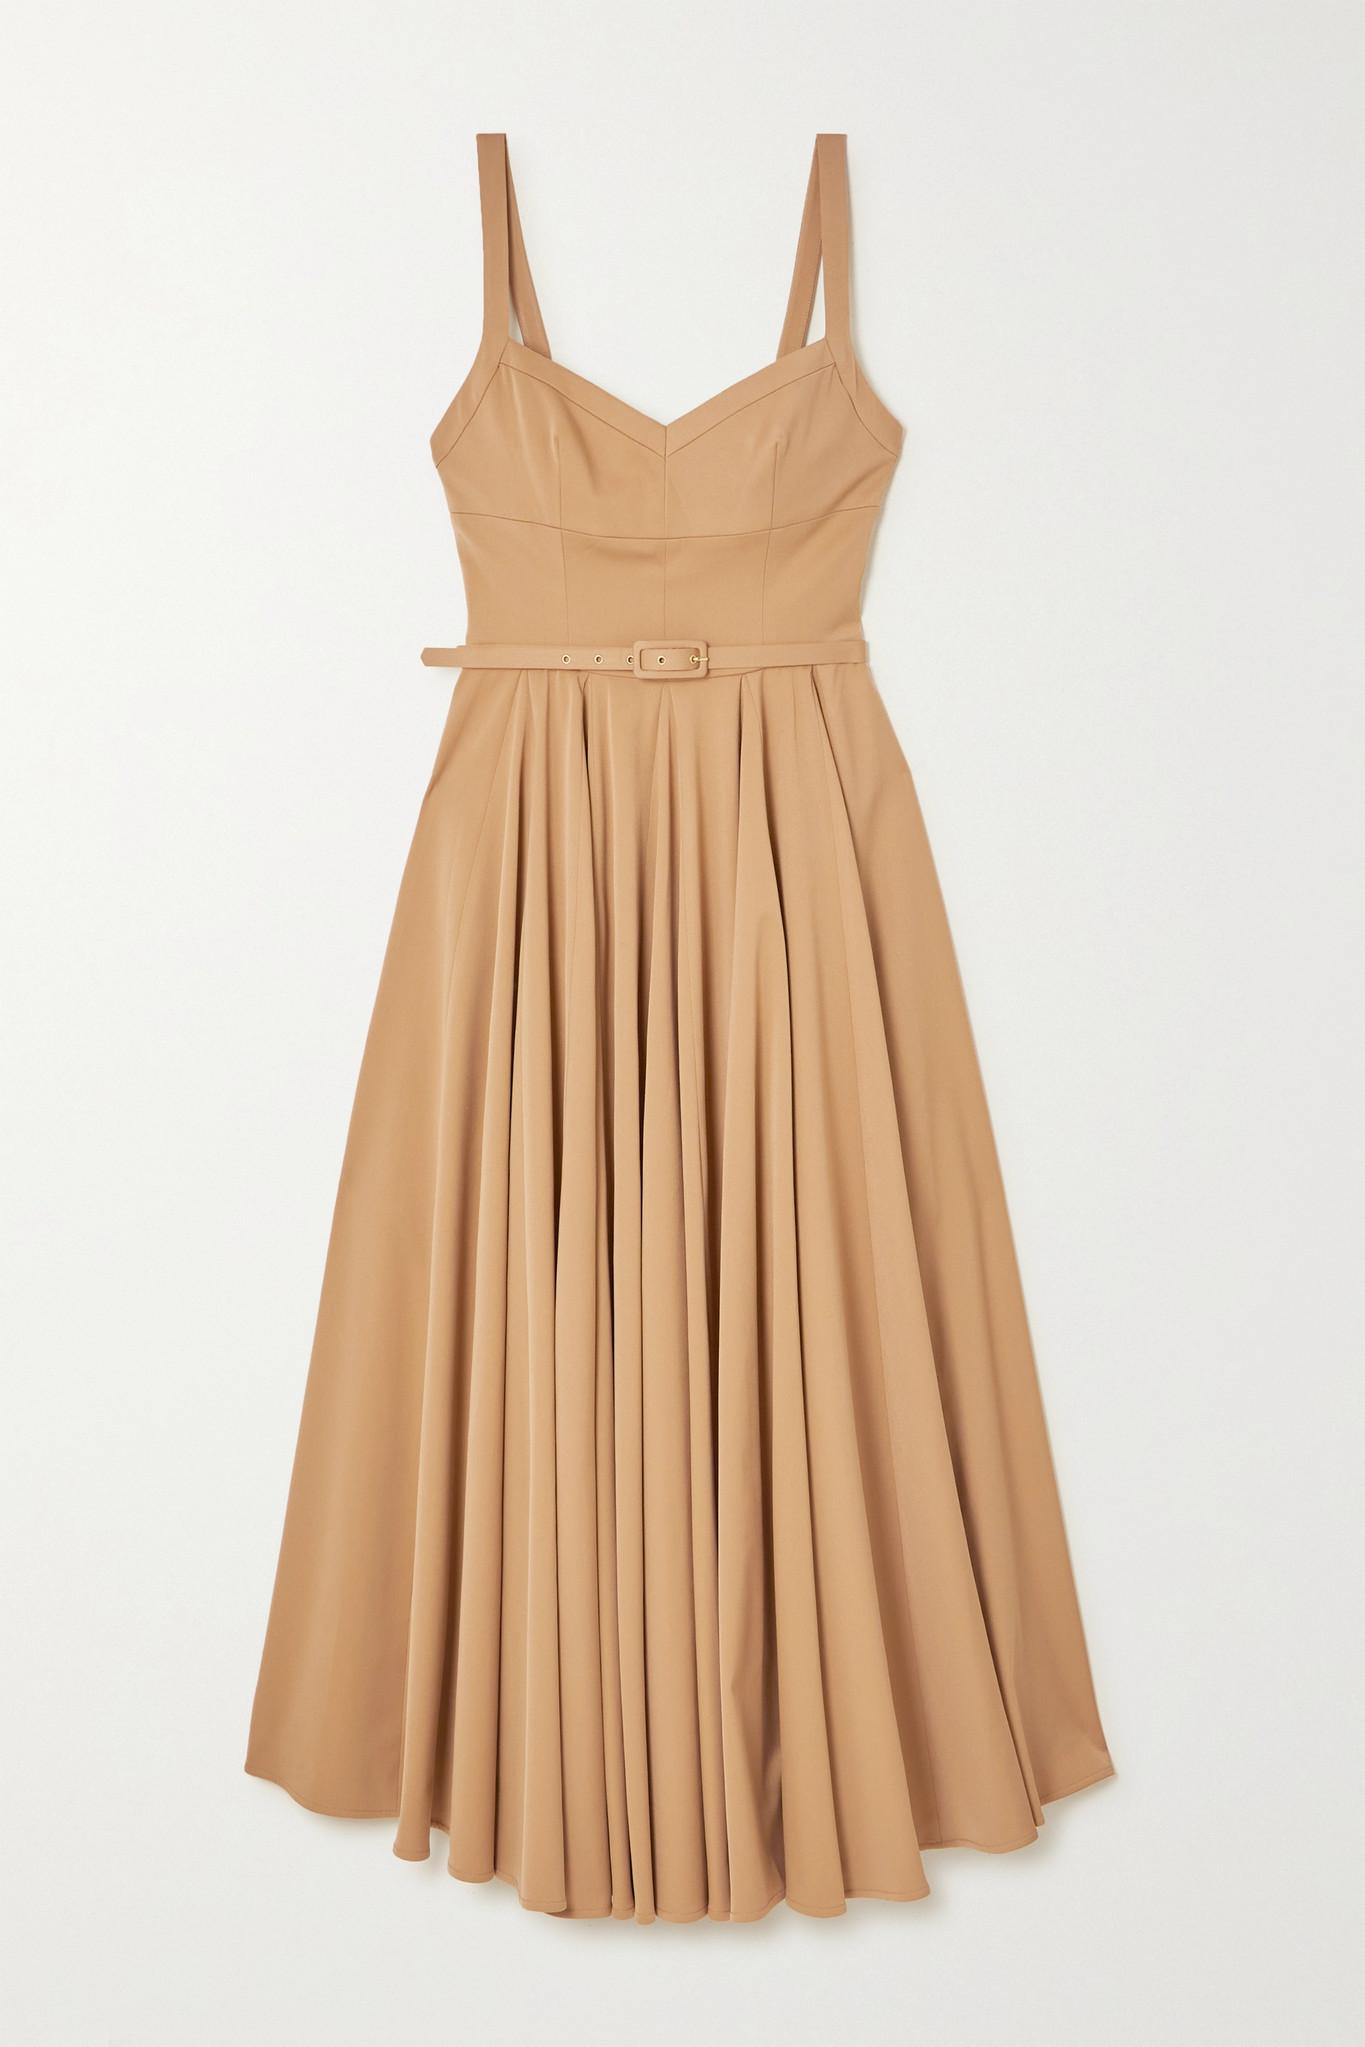 EMILIA WICKSTEAD - Elita Belted Pleated Printed Poplin Midi Dress - Neutrals - UK8